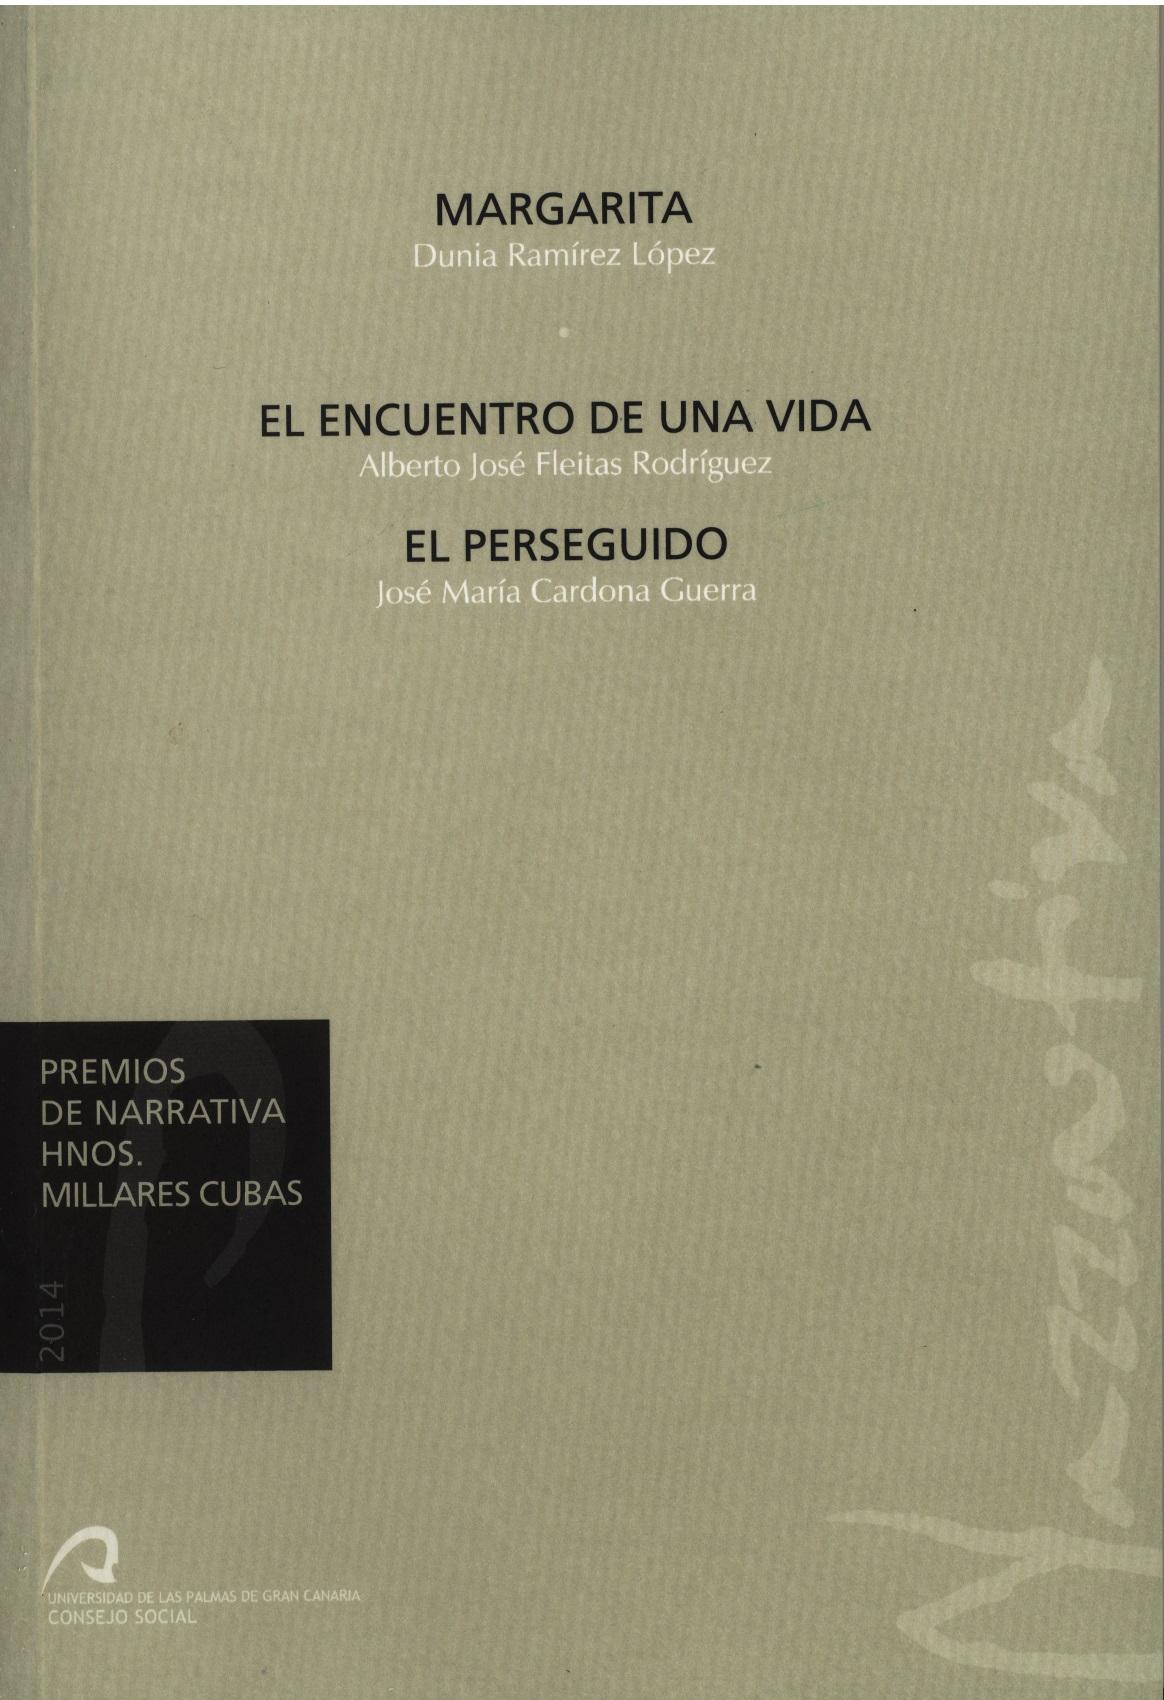 PREMIOS DE NARRATIVA HNOS. MILLARES CUBAS 2014 : MARGARITA  EL ENCUENTRO DE UNA VIDA  EL PERSEG